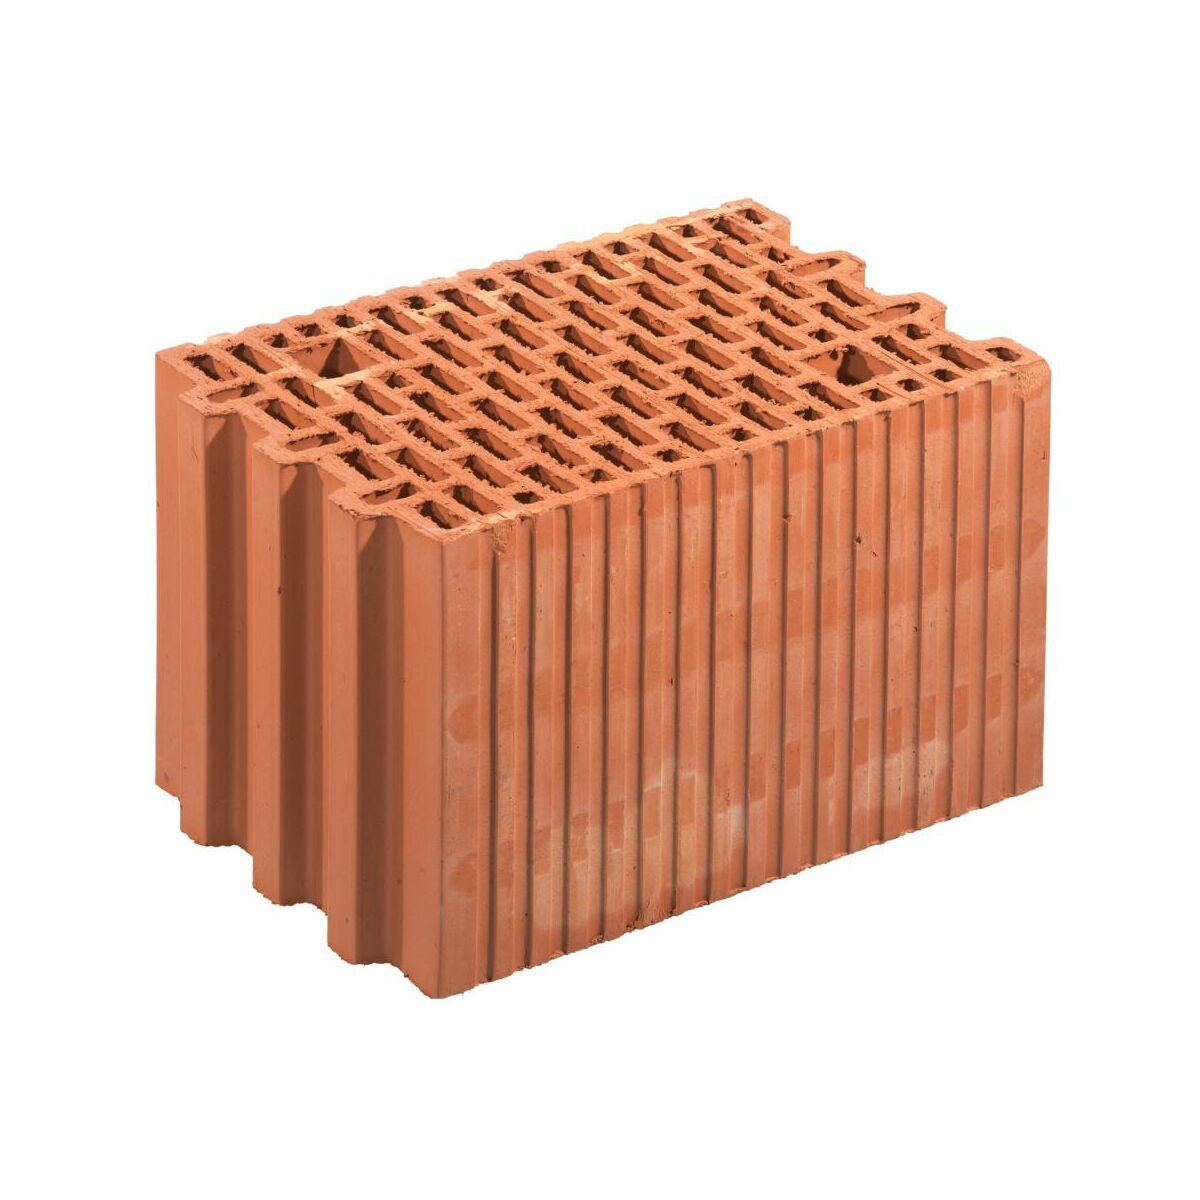 Pustak Ceramiczny Porotherm 25 P W Bloczki Ceramiczne 37 3x25x23 8 Cm